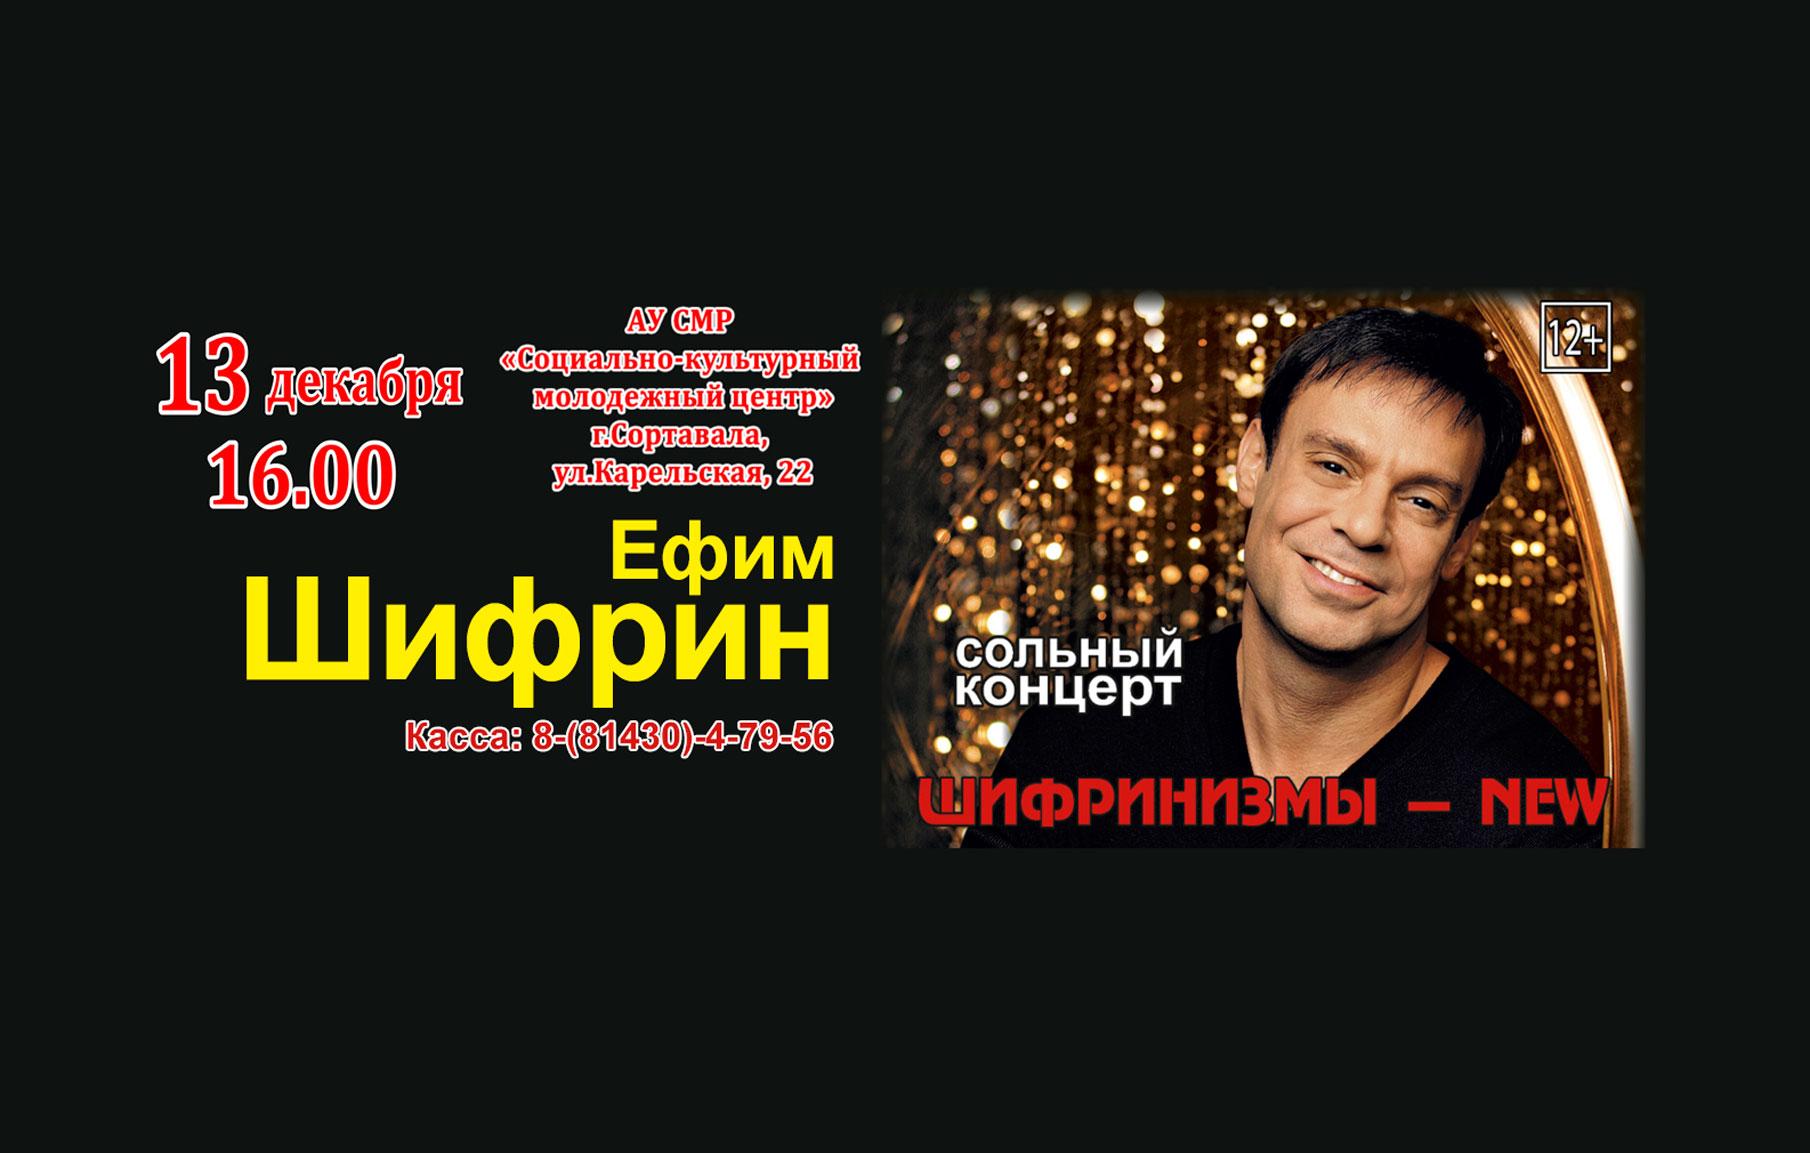 <p>13 декабря в 16:00 на сцене Социально-культурного молодежного центра состоится сольный концерт Ефима Шифрина «Шифринизмы-NEW». Программа отличается неподражаемым юмором, потрясающими сатирическими монологами и оригинальными вокальными номерами. Справки по телефону: 8 (84130) 4-79-56</p>